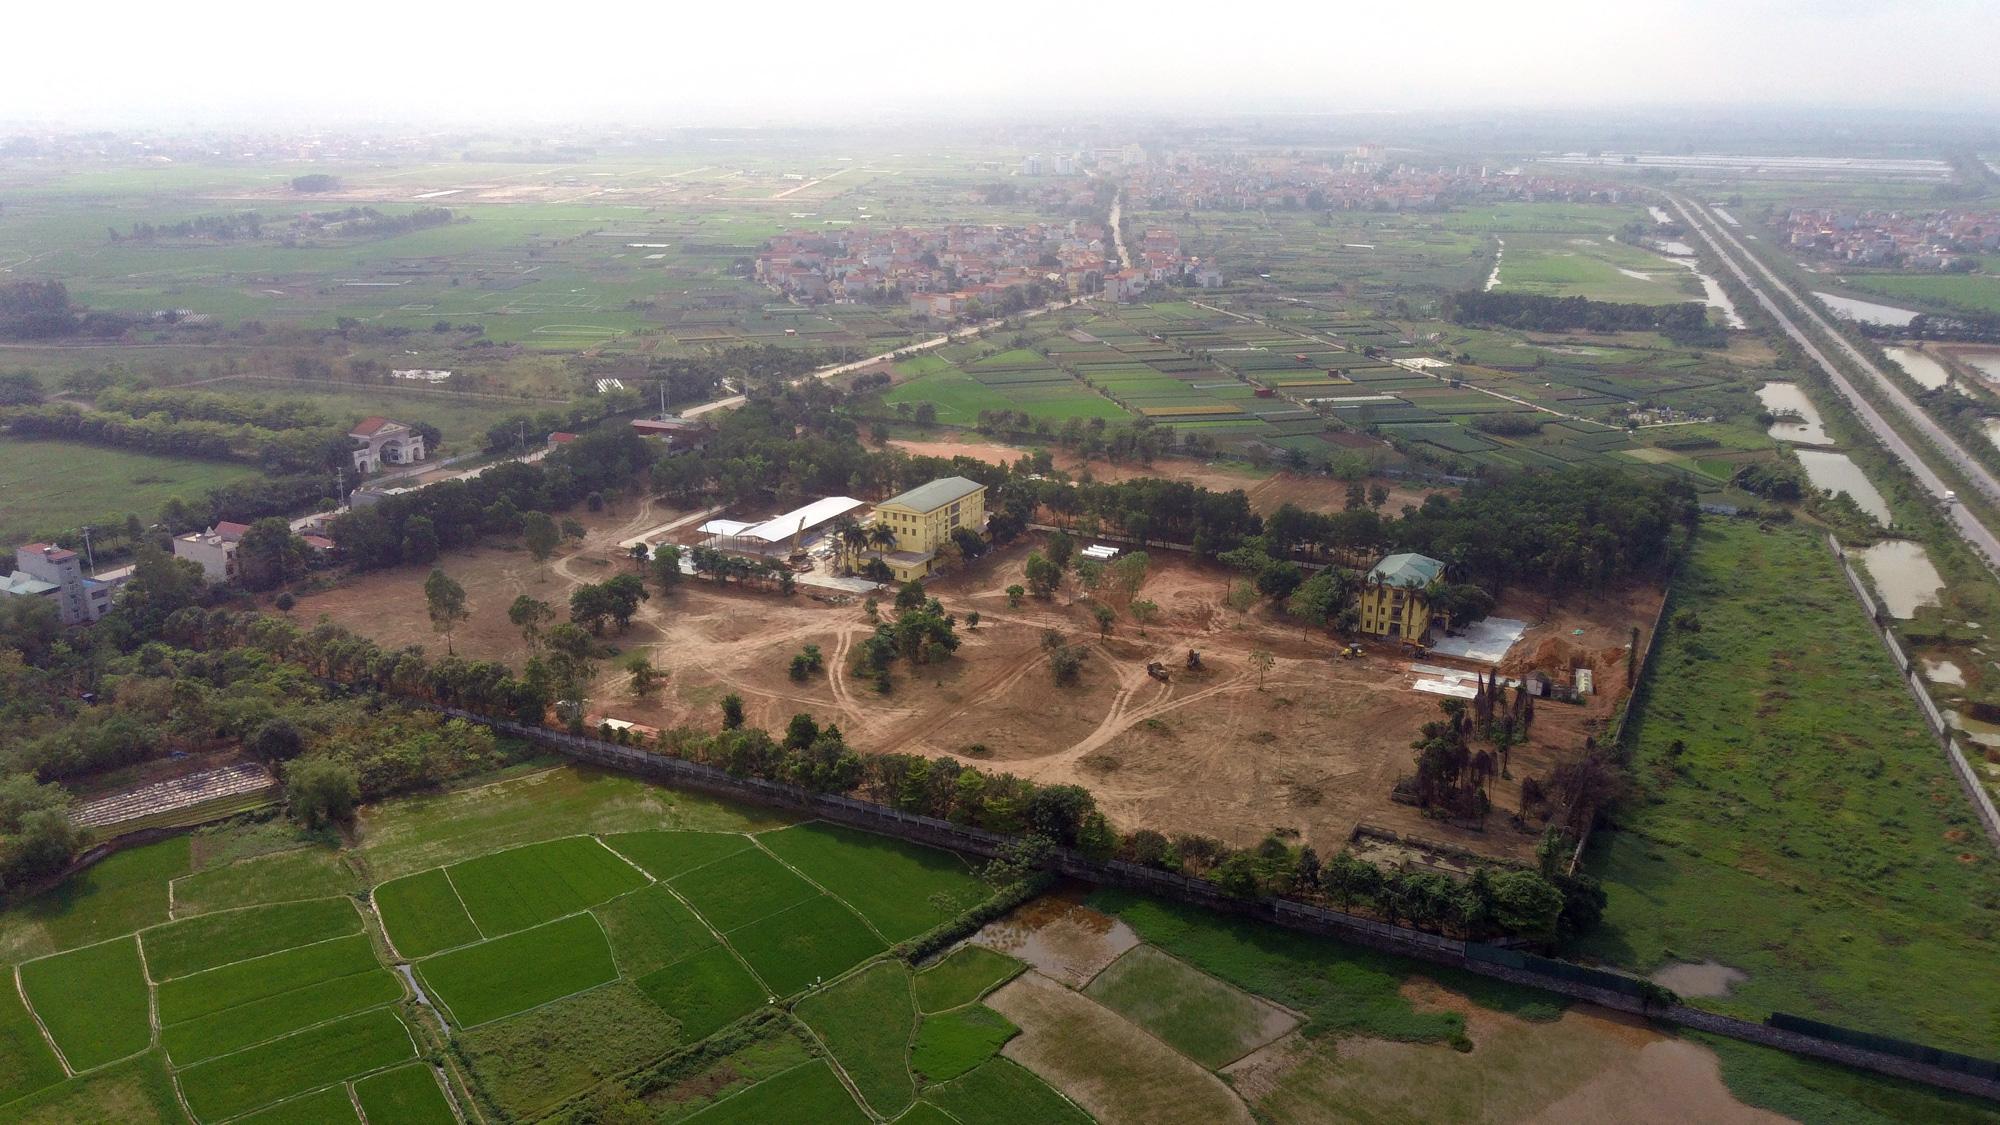 Hà Nội sửa xong bệnh viện bỏ hoang ở Mê Linh làm khu cách li chống dịch Covid-19 - Ảnh 1.